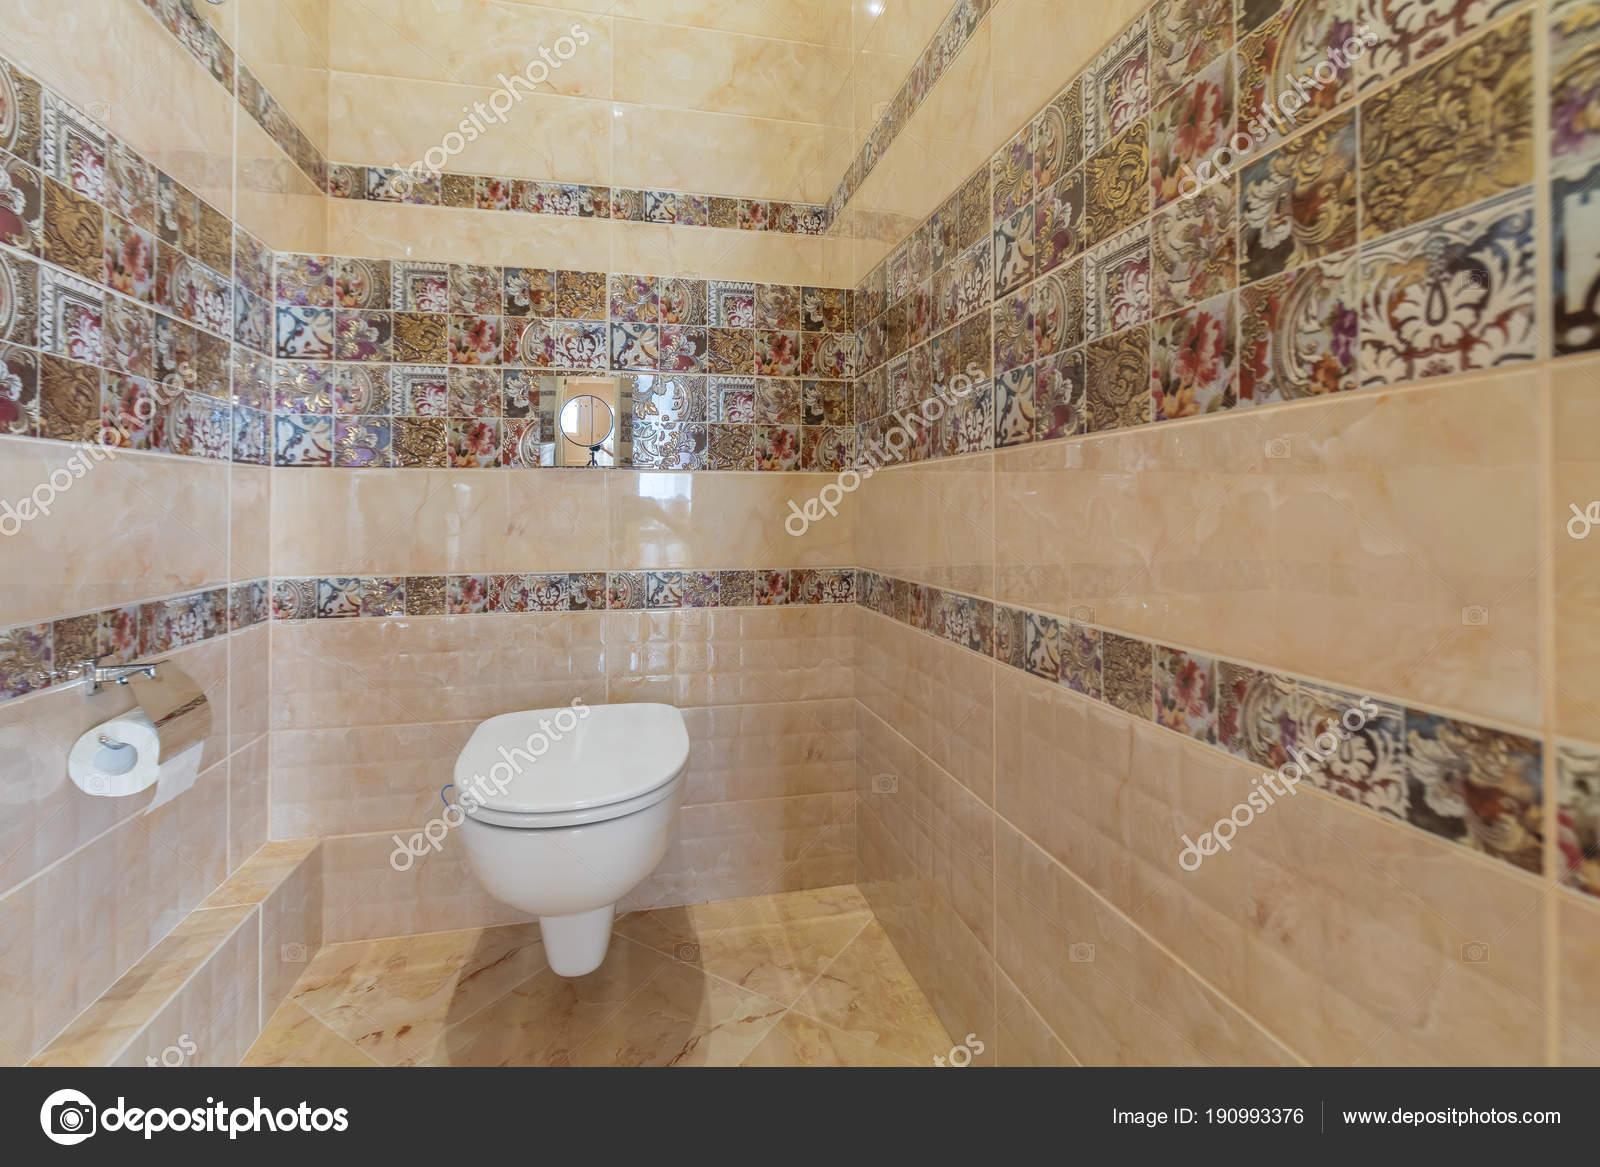 Toiletpot kamer toilet met bruine tegel decoratie u2014 stockfoto